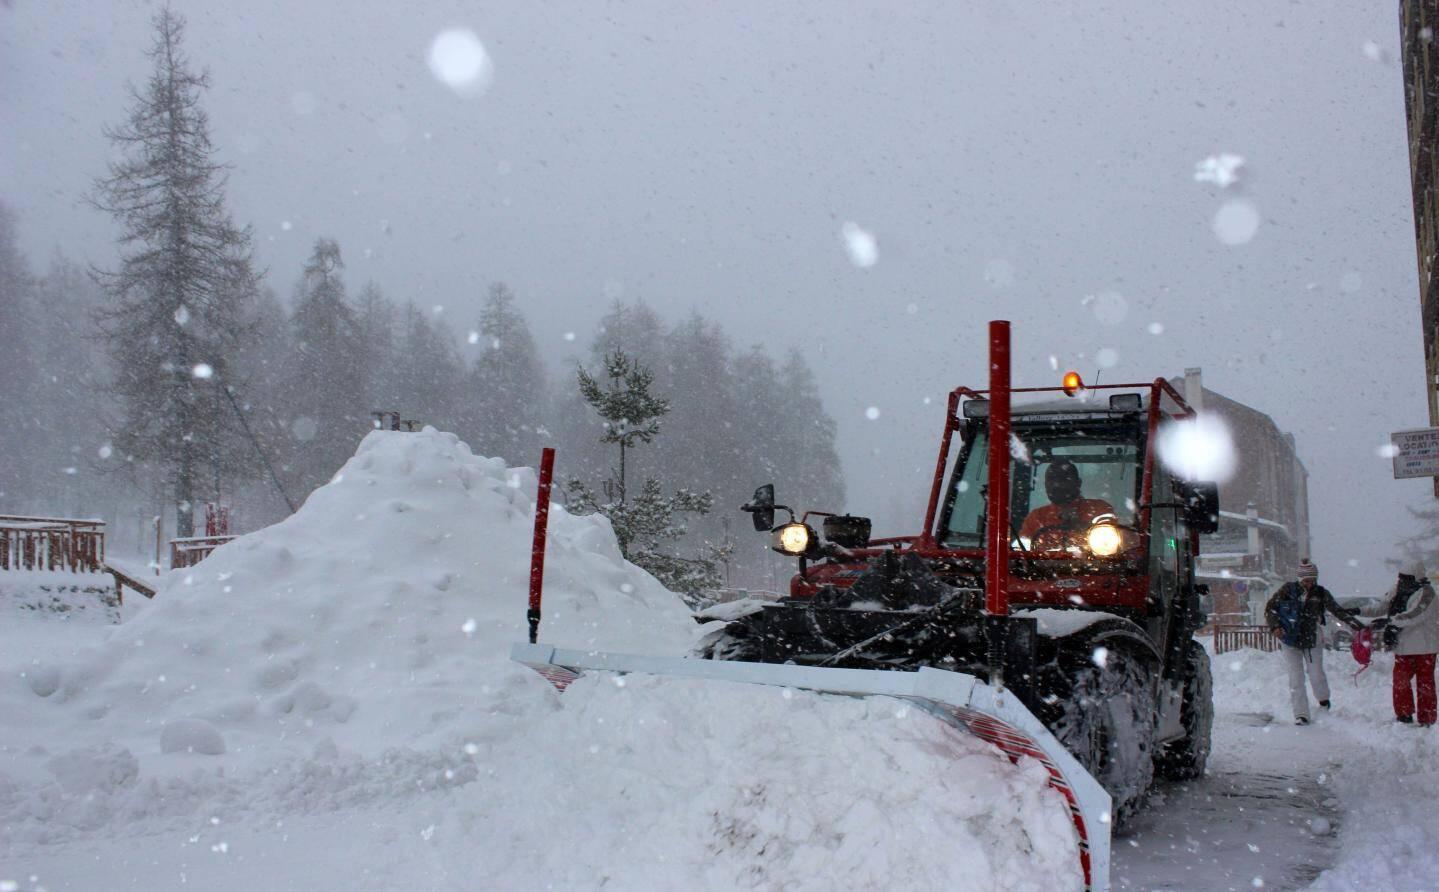 Les chasses-neige n'ont pas lésiné hier pour dégagé la route et les trottoirs d'Isola, Auron et Valberg